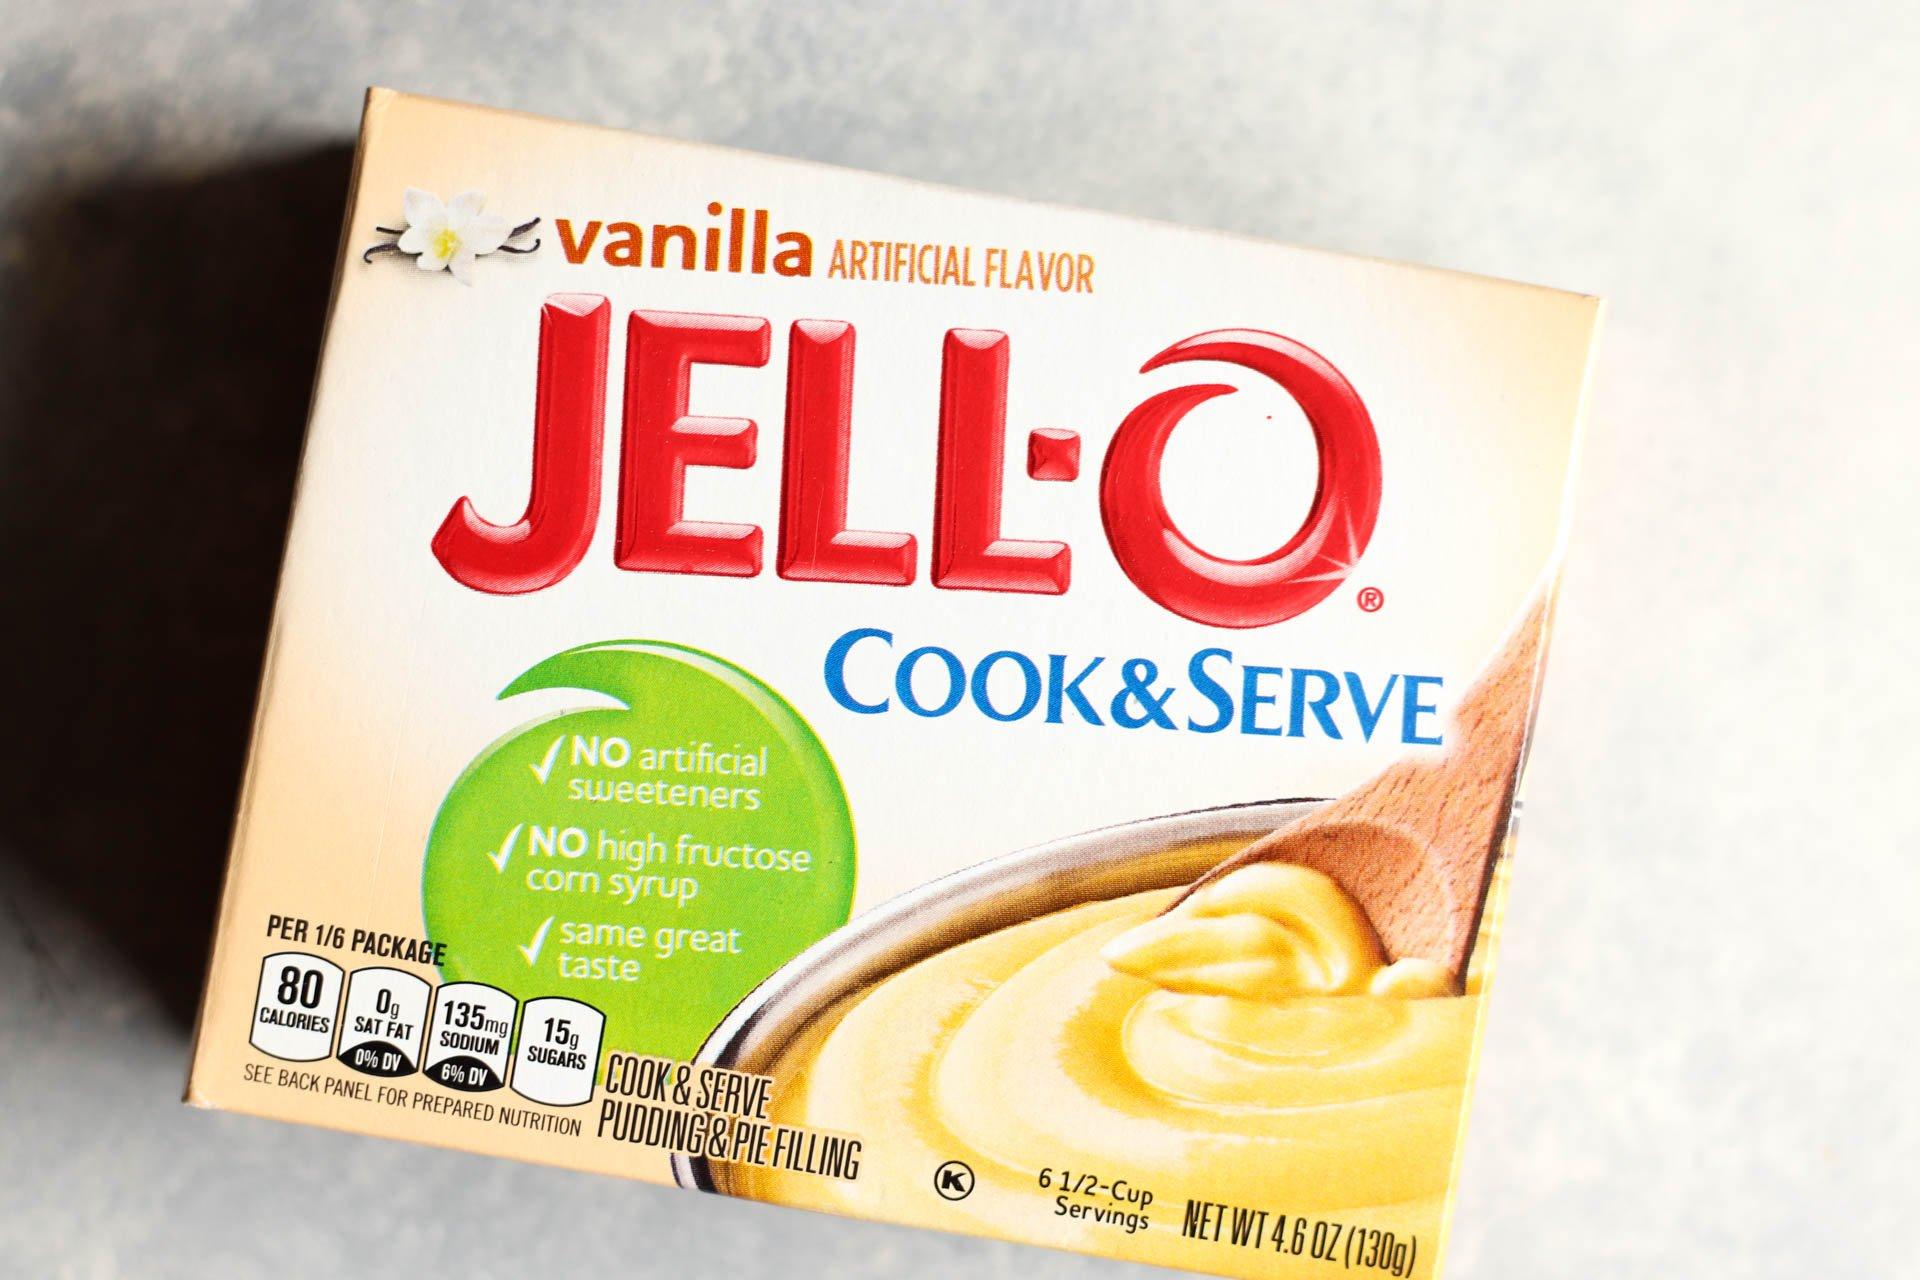 Vanilla Jello Cook & Serve Pudding